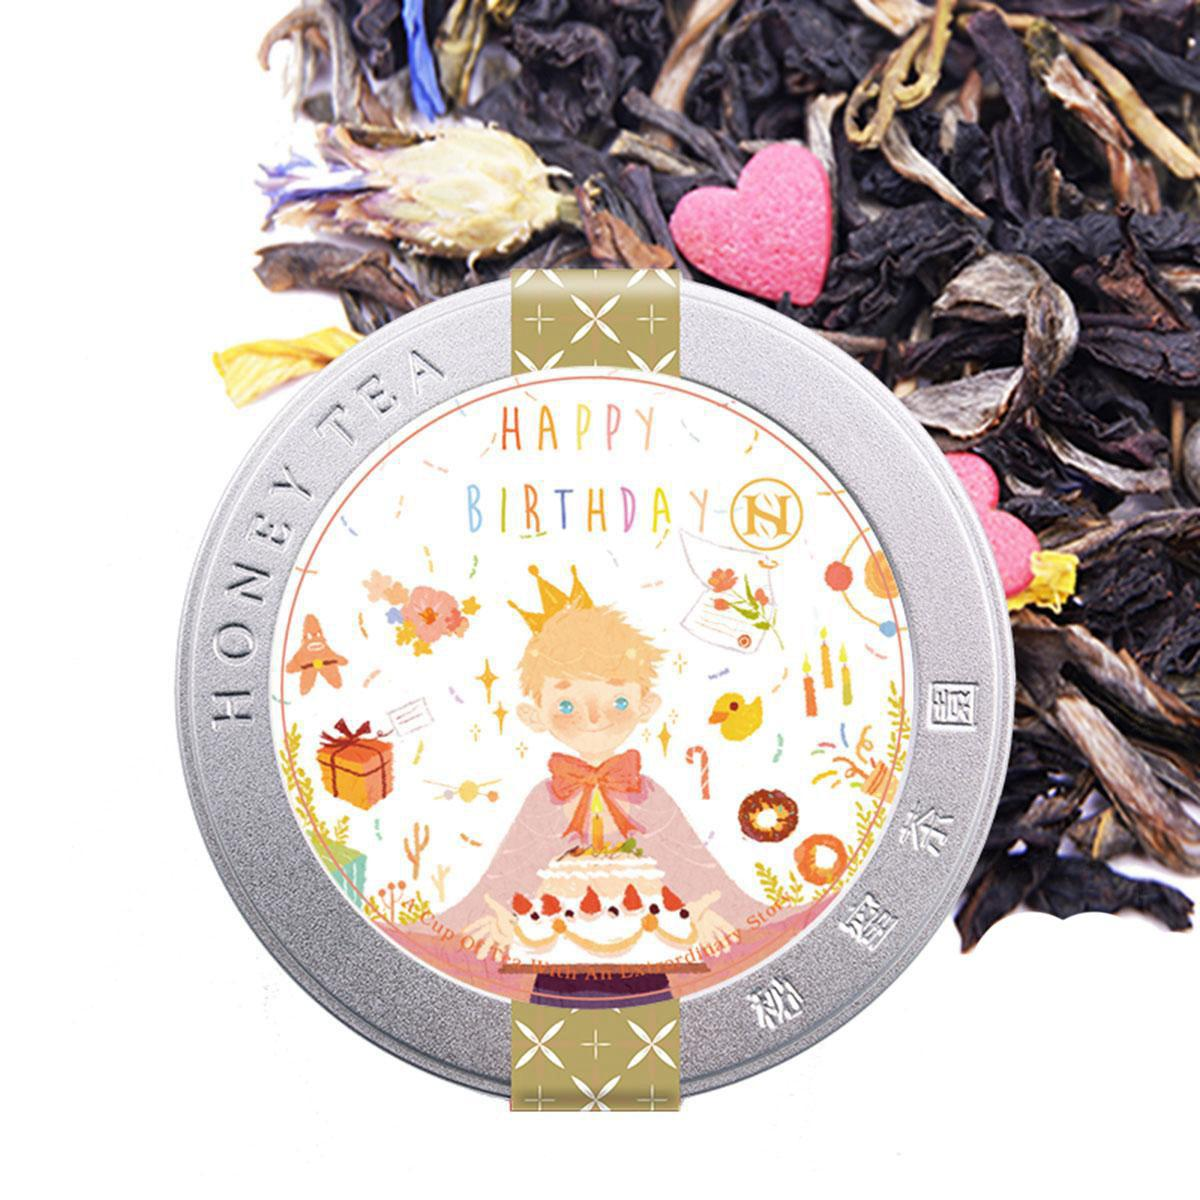 独立设计品牌 秘蜜茶园HoneyTea